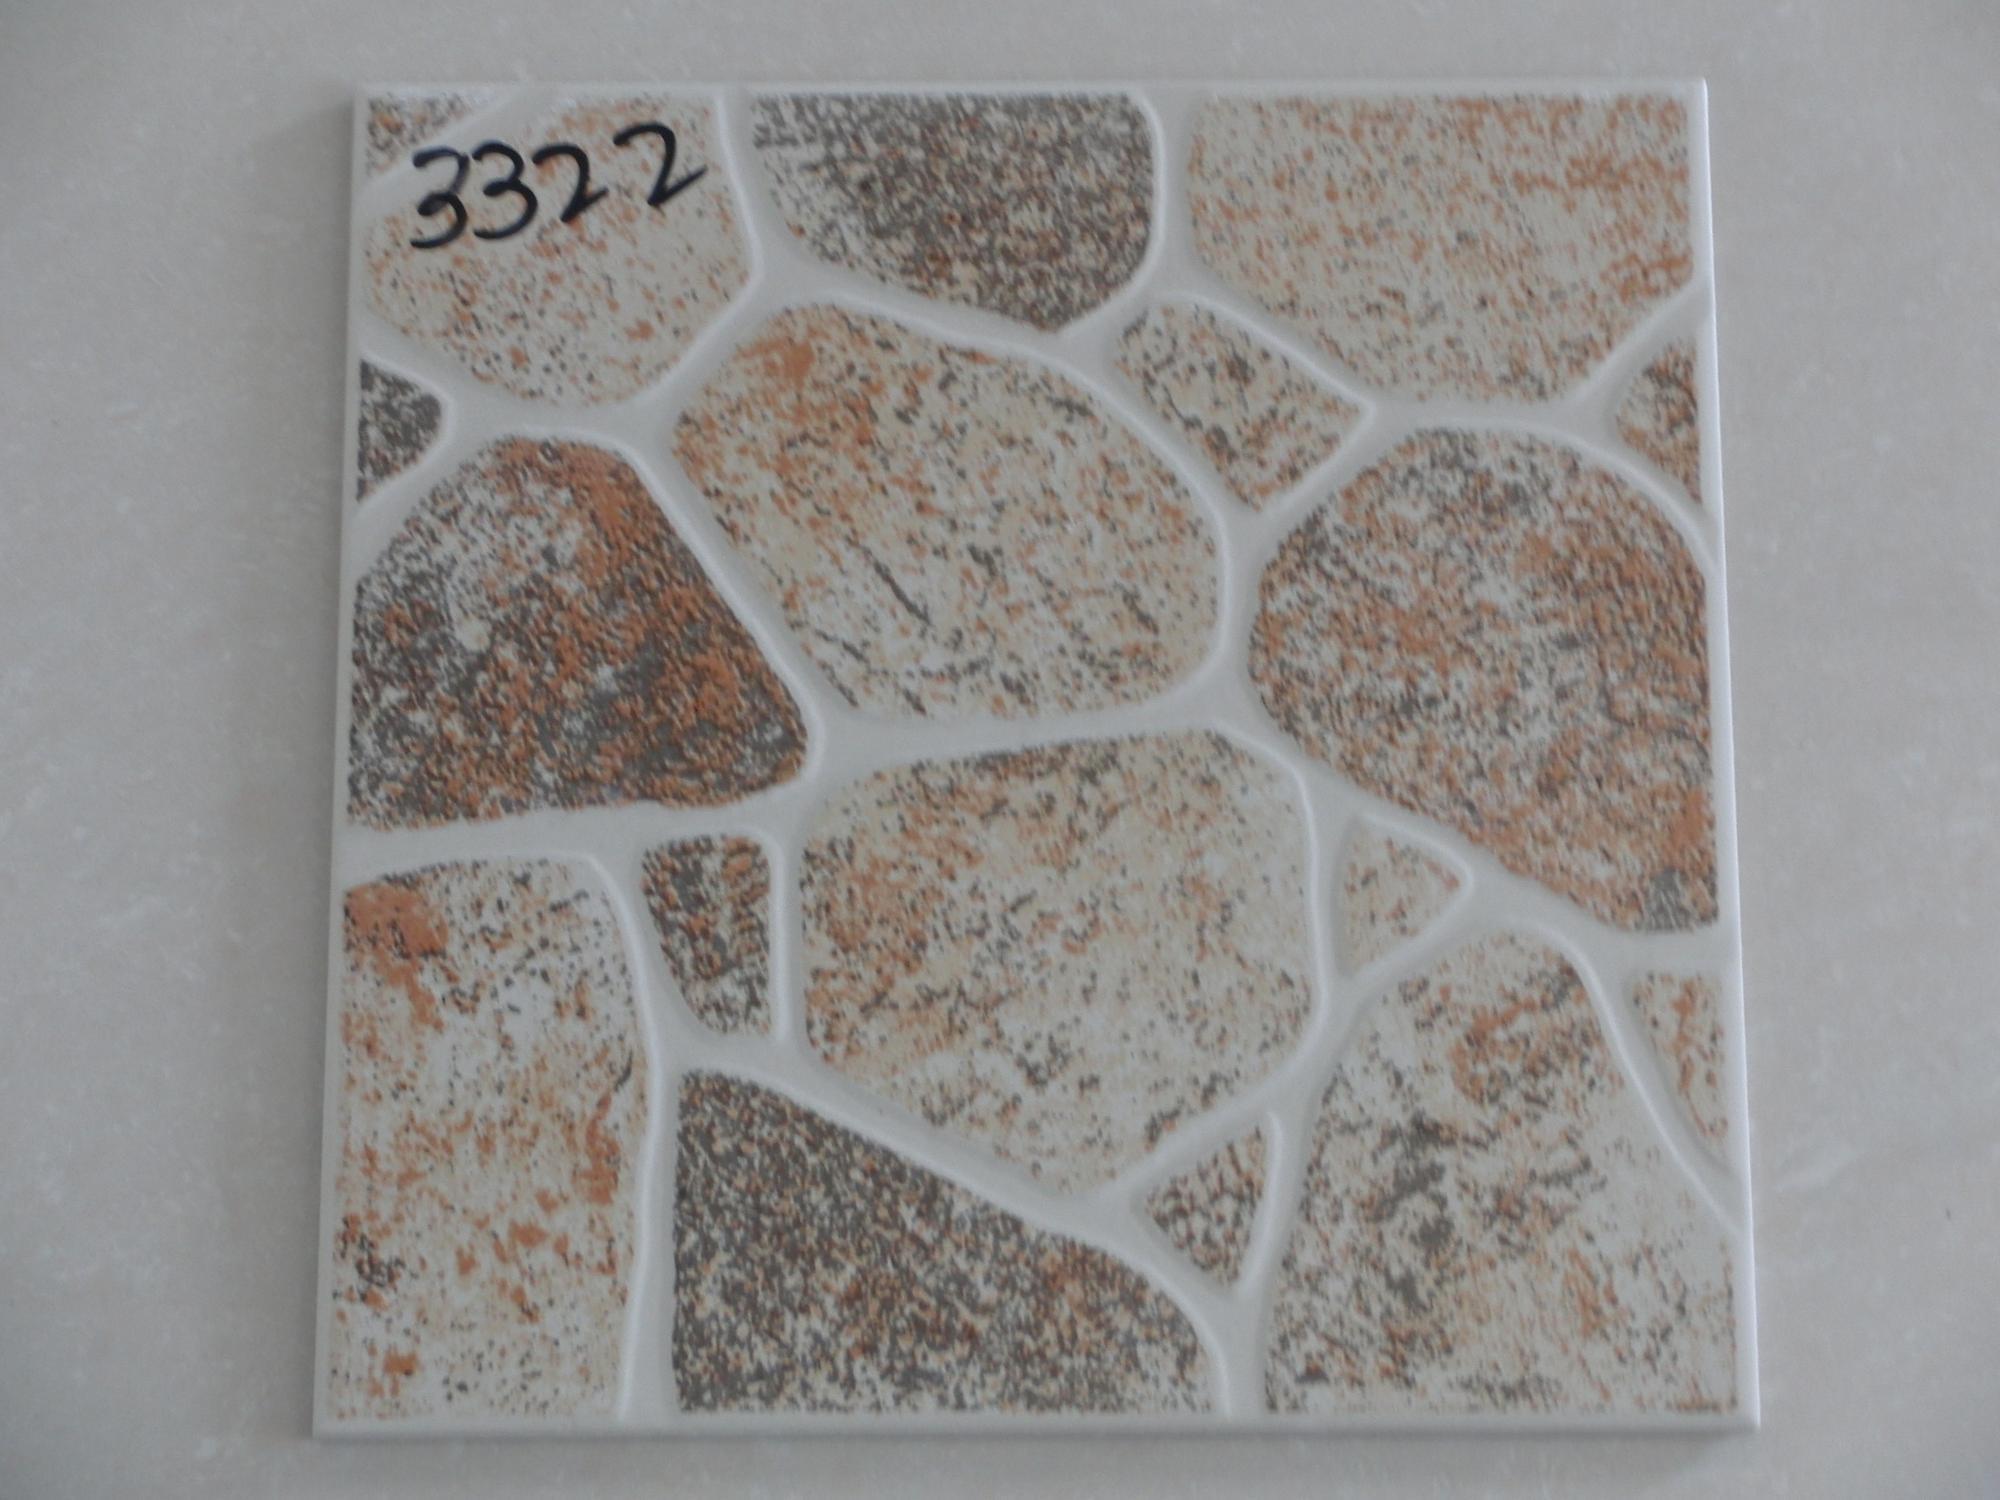 Balkon Tegels Steen : Buiten vloertegels 300x300mm balkon vloer tegels steen tegel buy